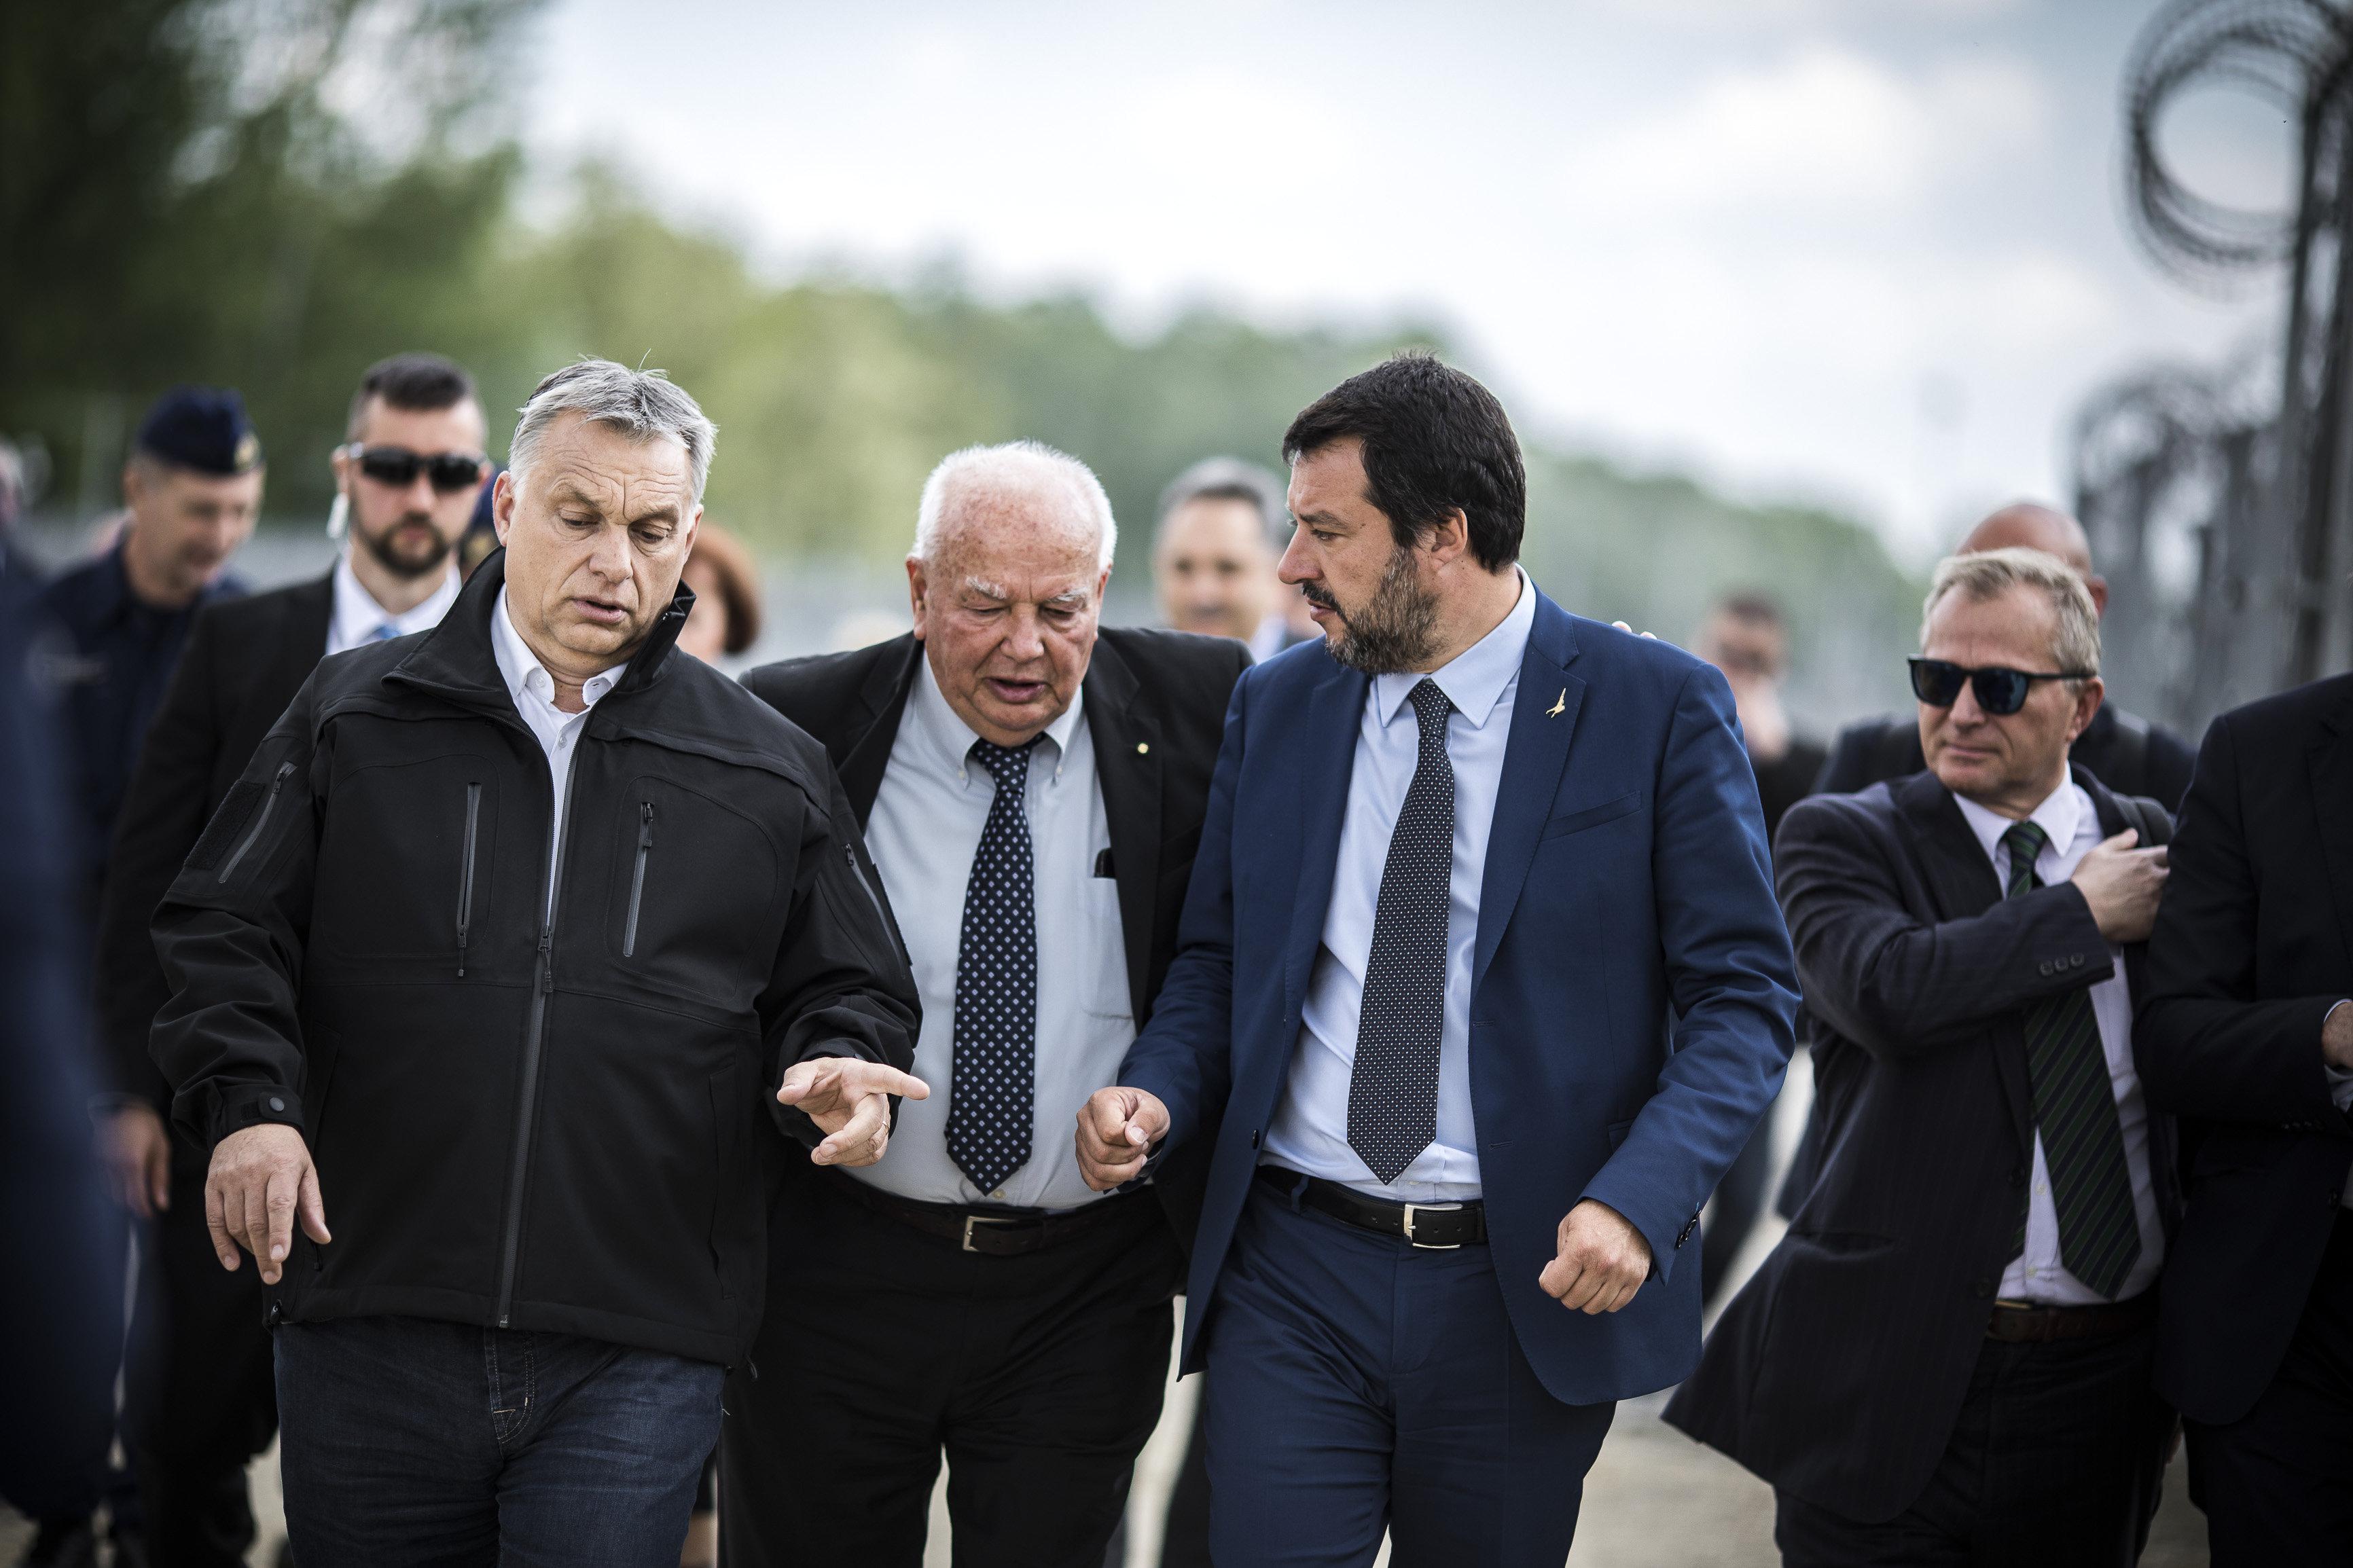 Olaszország teljes orbáni fordulatot vehet